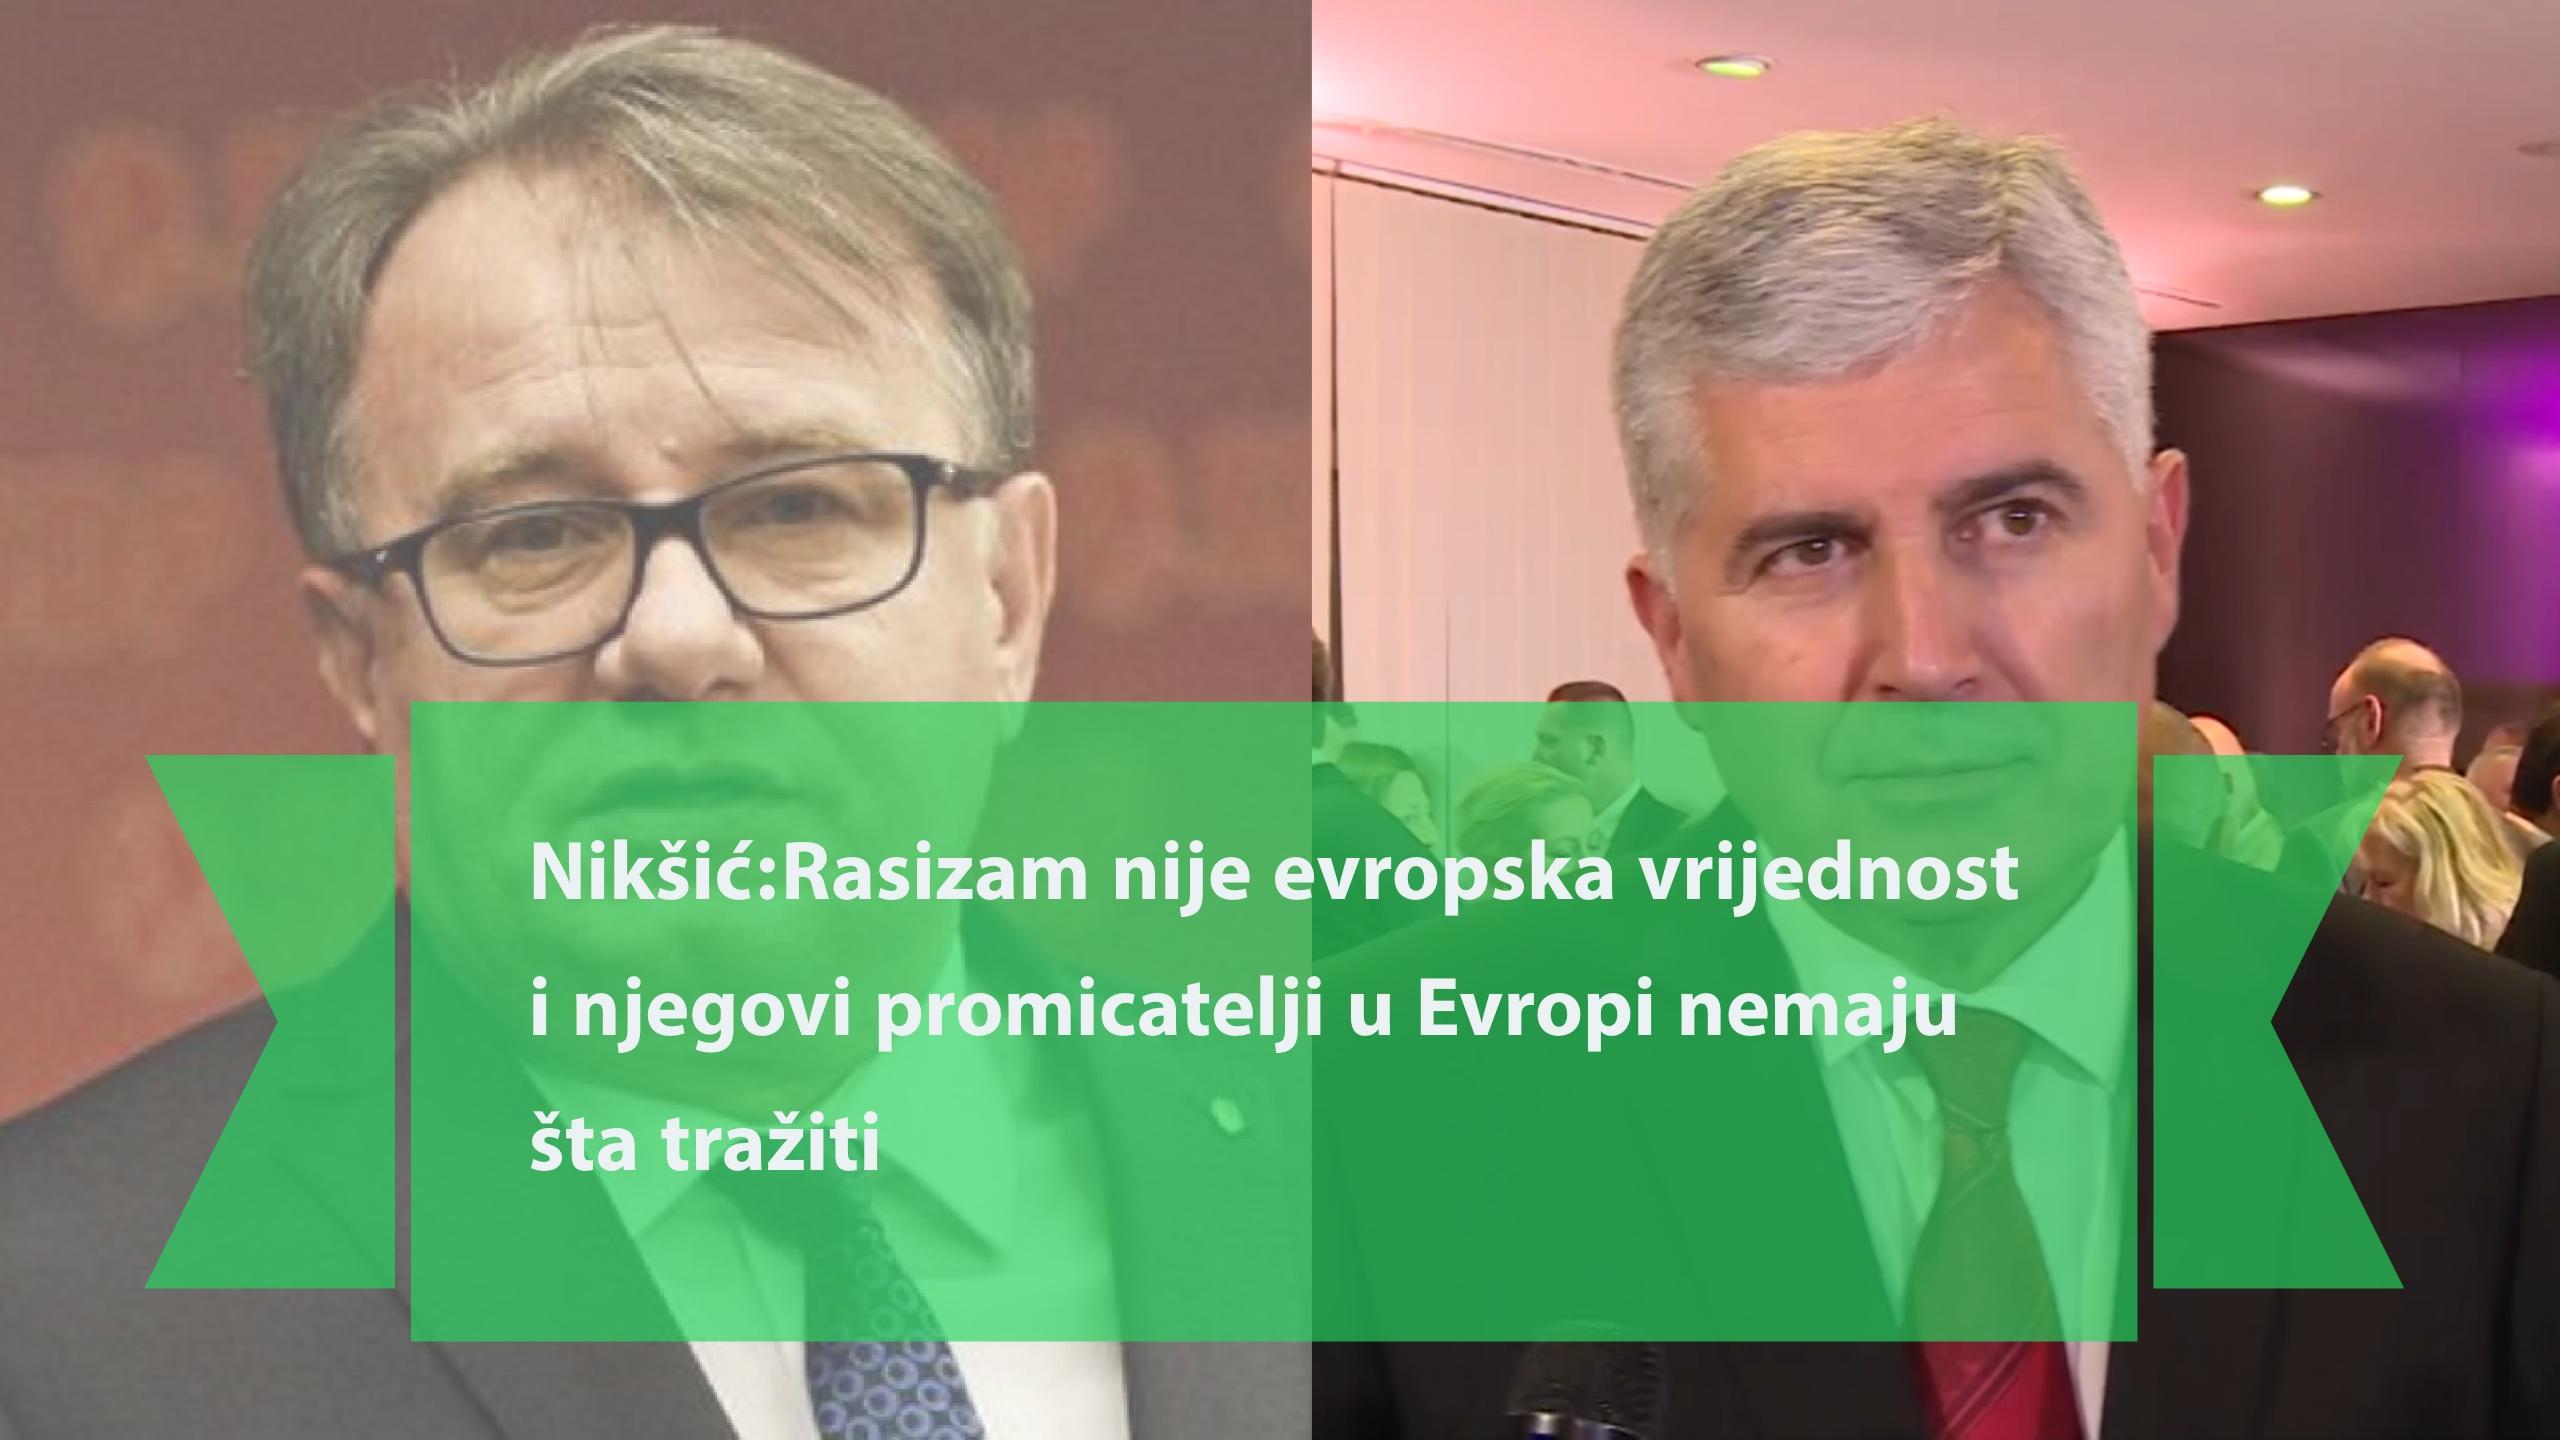 Nikšić u otvorenom pismu Čoviću: Nije problem građanska država kakvu traži EU, nego rasistička država koju Vi tražite